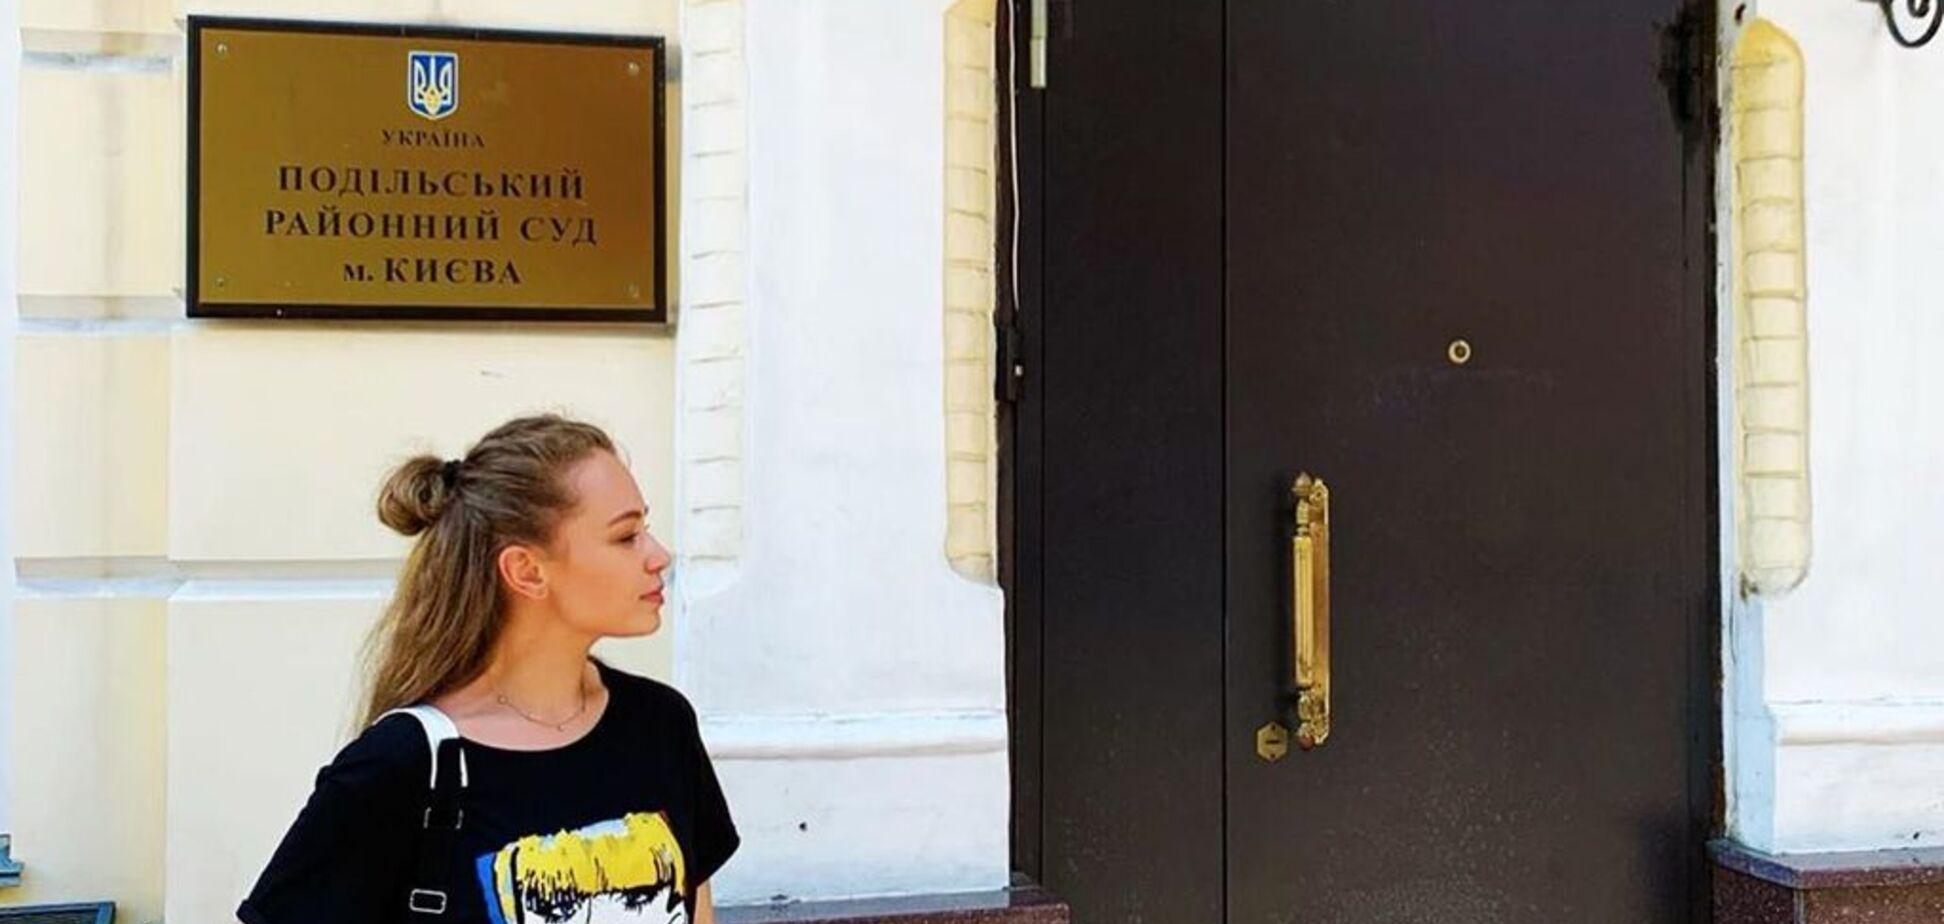 Відому українську співачку не випустили з країни: розгорівся скандал